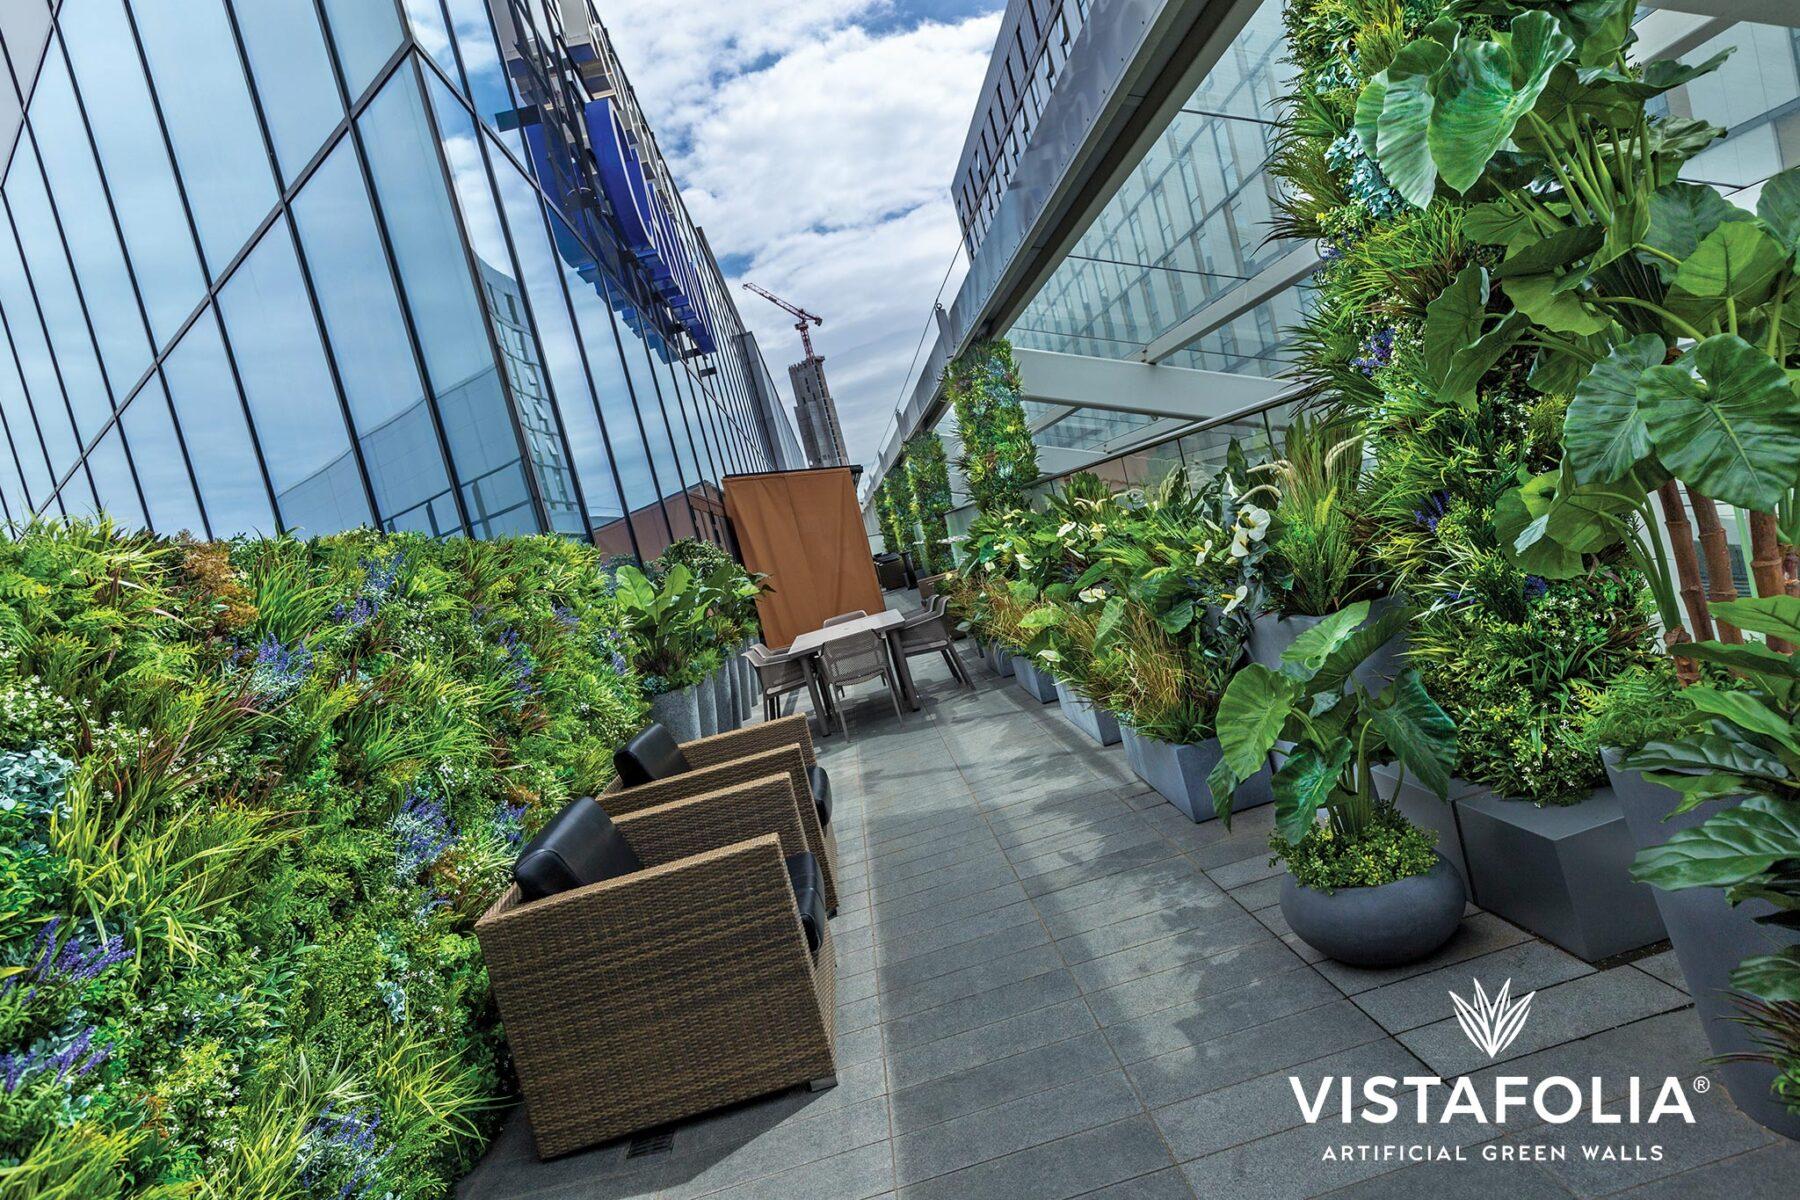 artificial plant, affordable vistafolia green walls